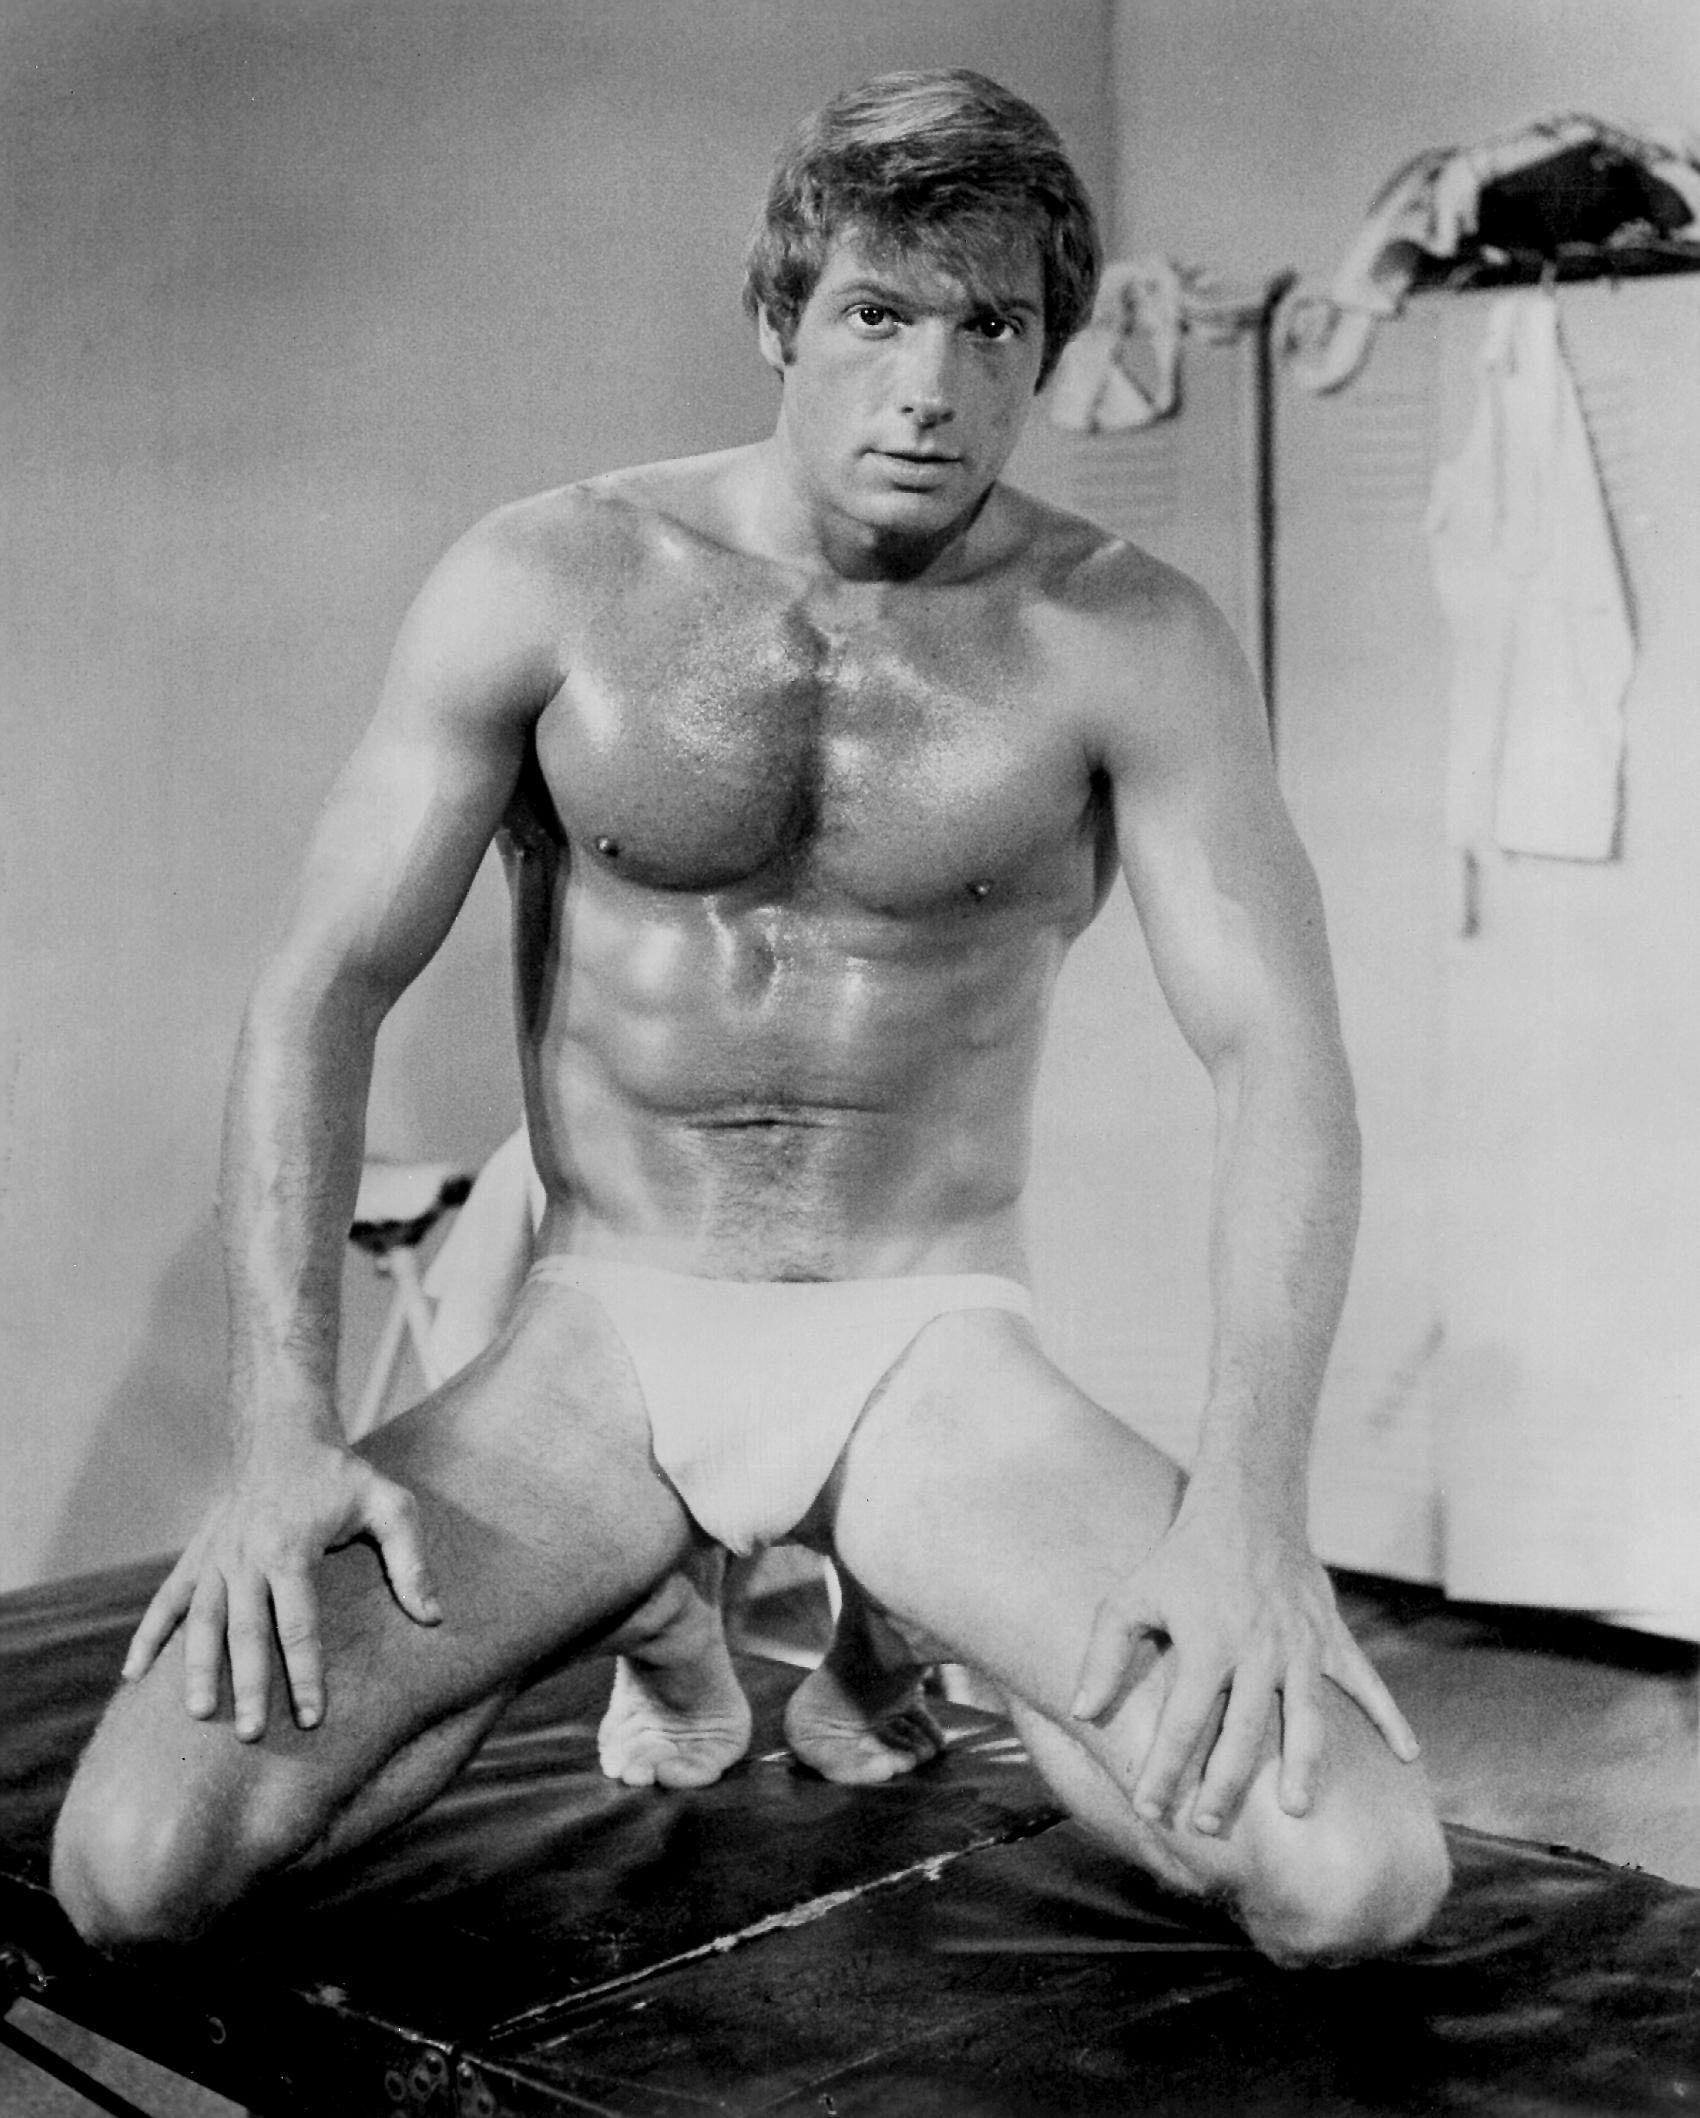 jack-wrangler-porn-pics-naked-women-soap